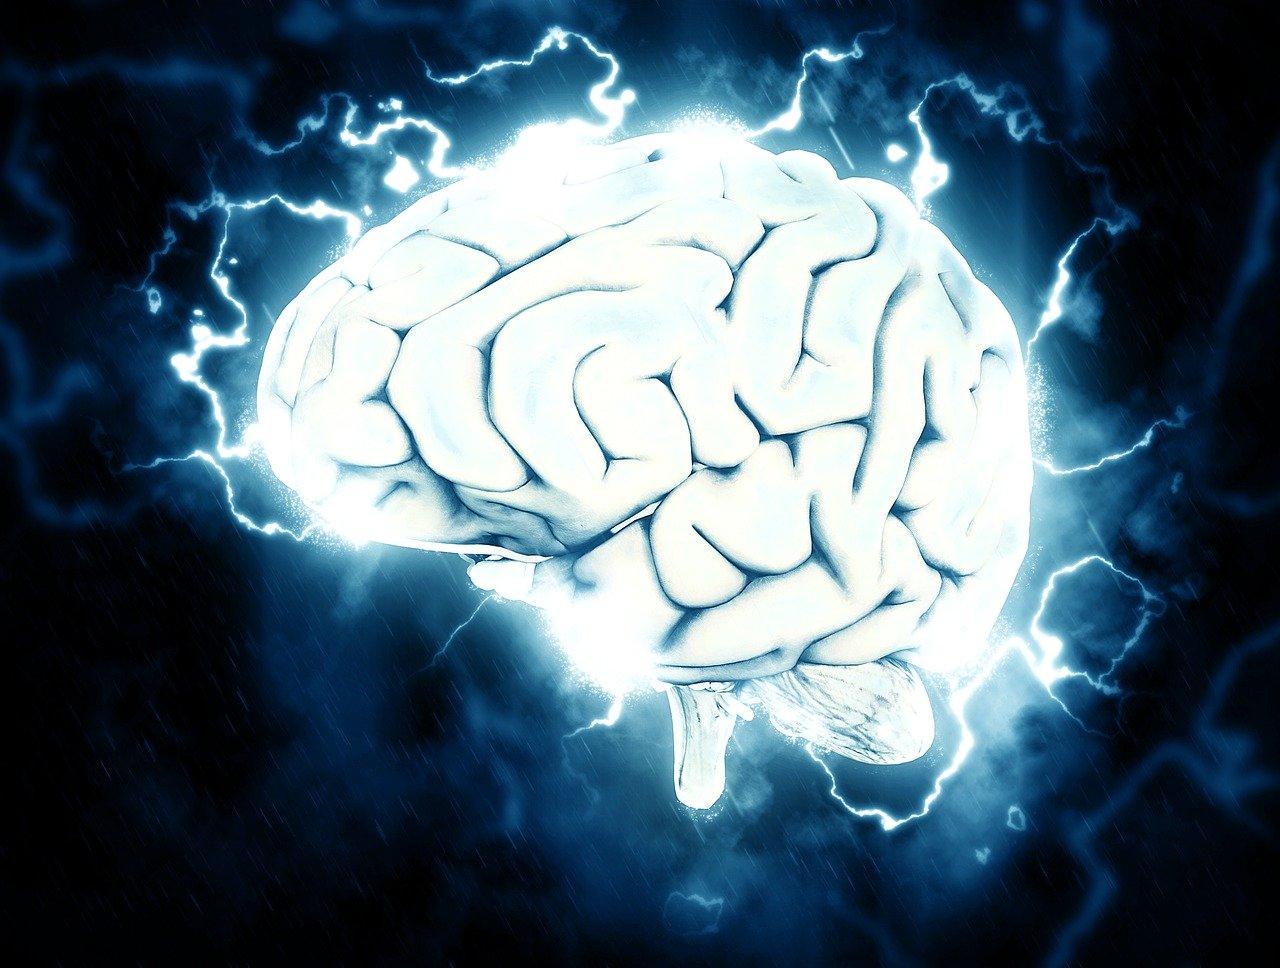 brain-1845962_1280.jpg